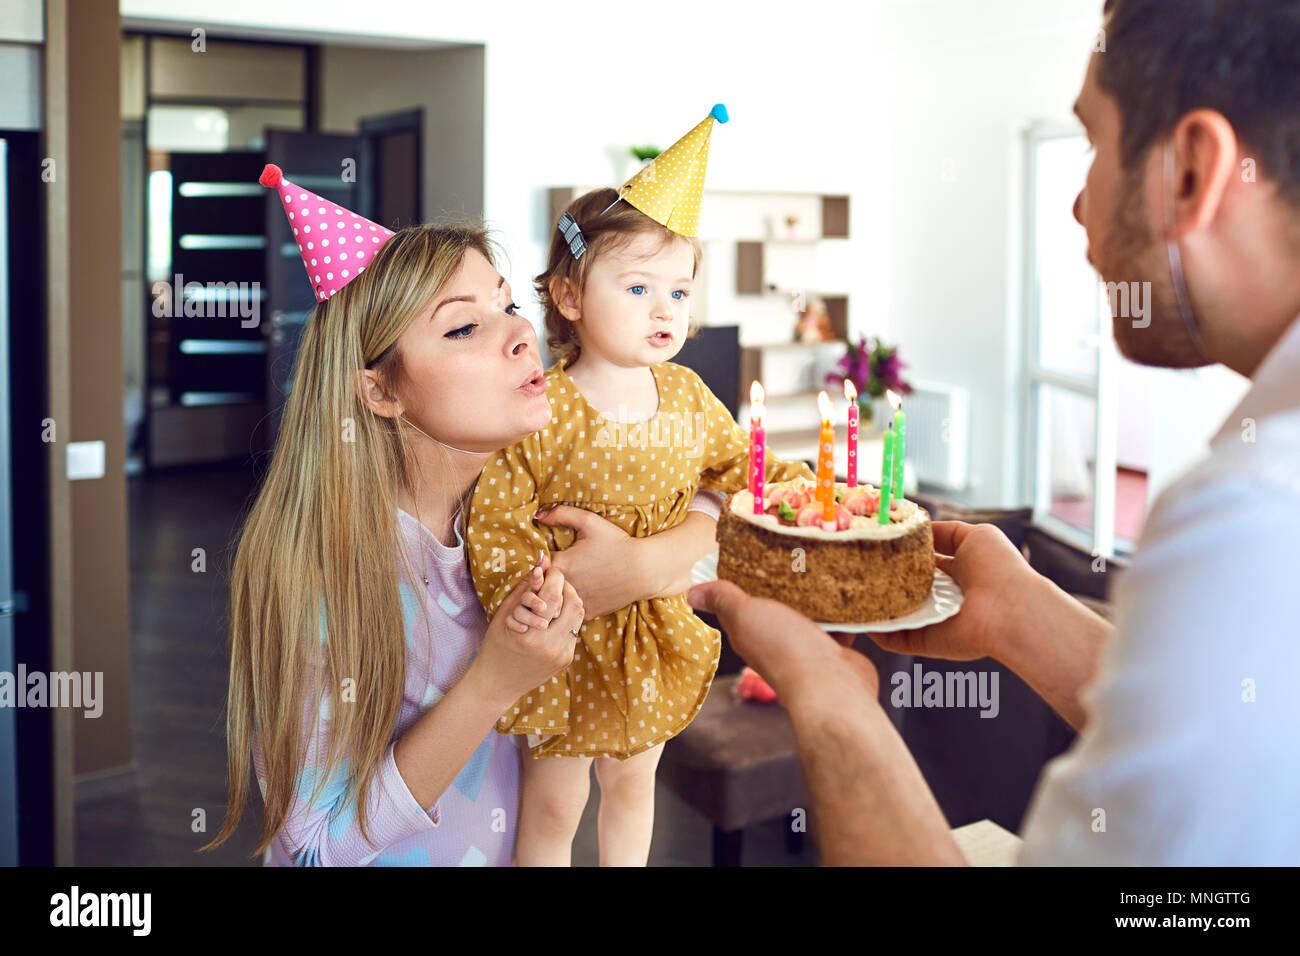 Eine Familie mit einem Kuchen gratuliert ein glückliches Kind an seinem Geburtstag Stockbild